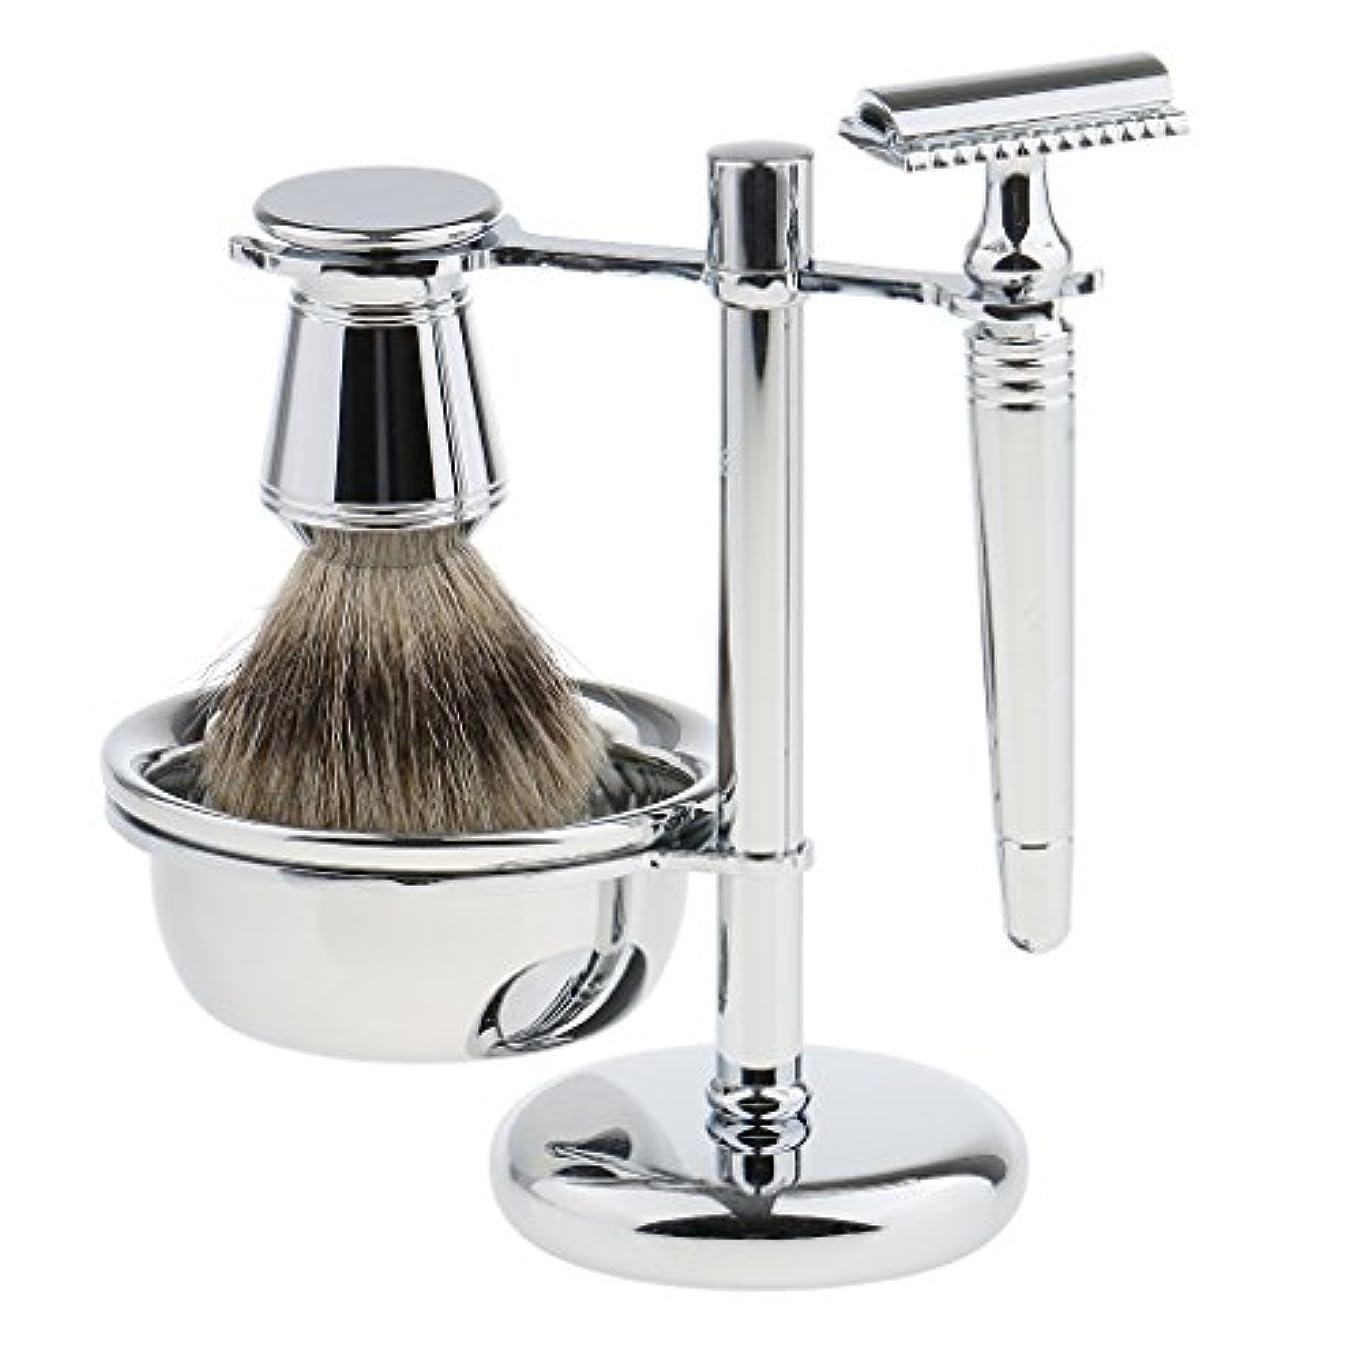 振動するいうエンティティCUTICATE シェービング スタンド ブラシ カミソリ ボウル 髭剃り ひげそり メンズ プレゼント